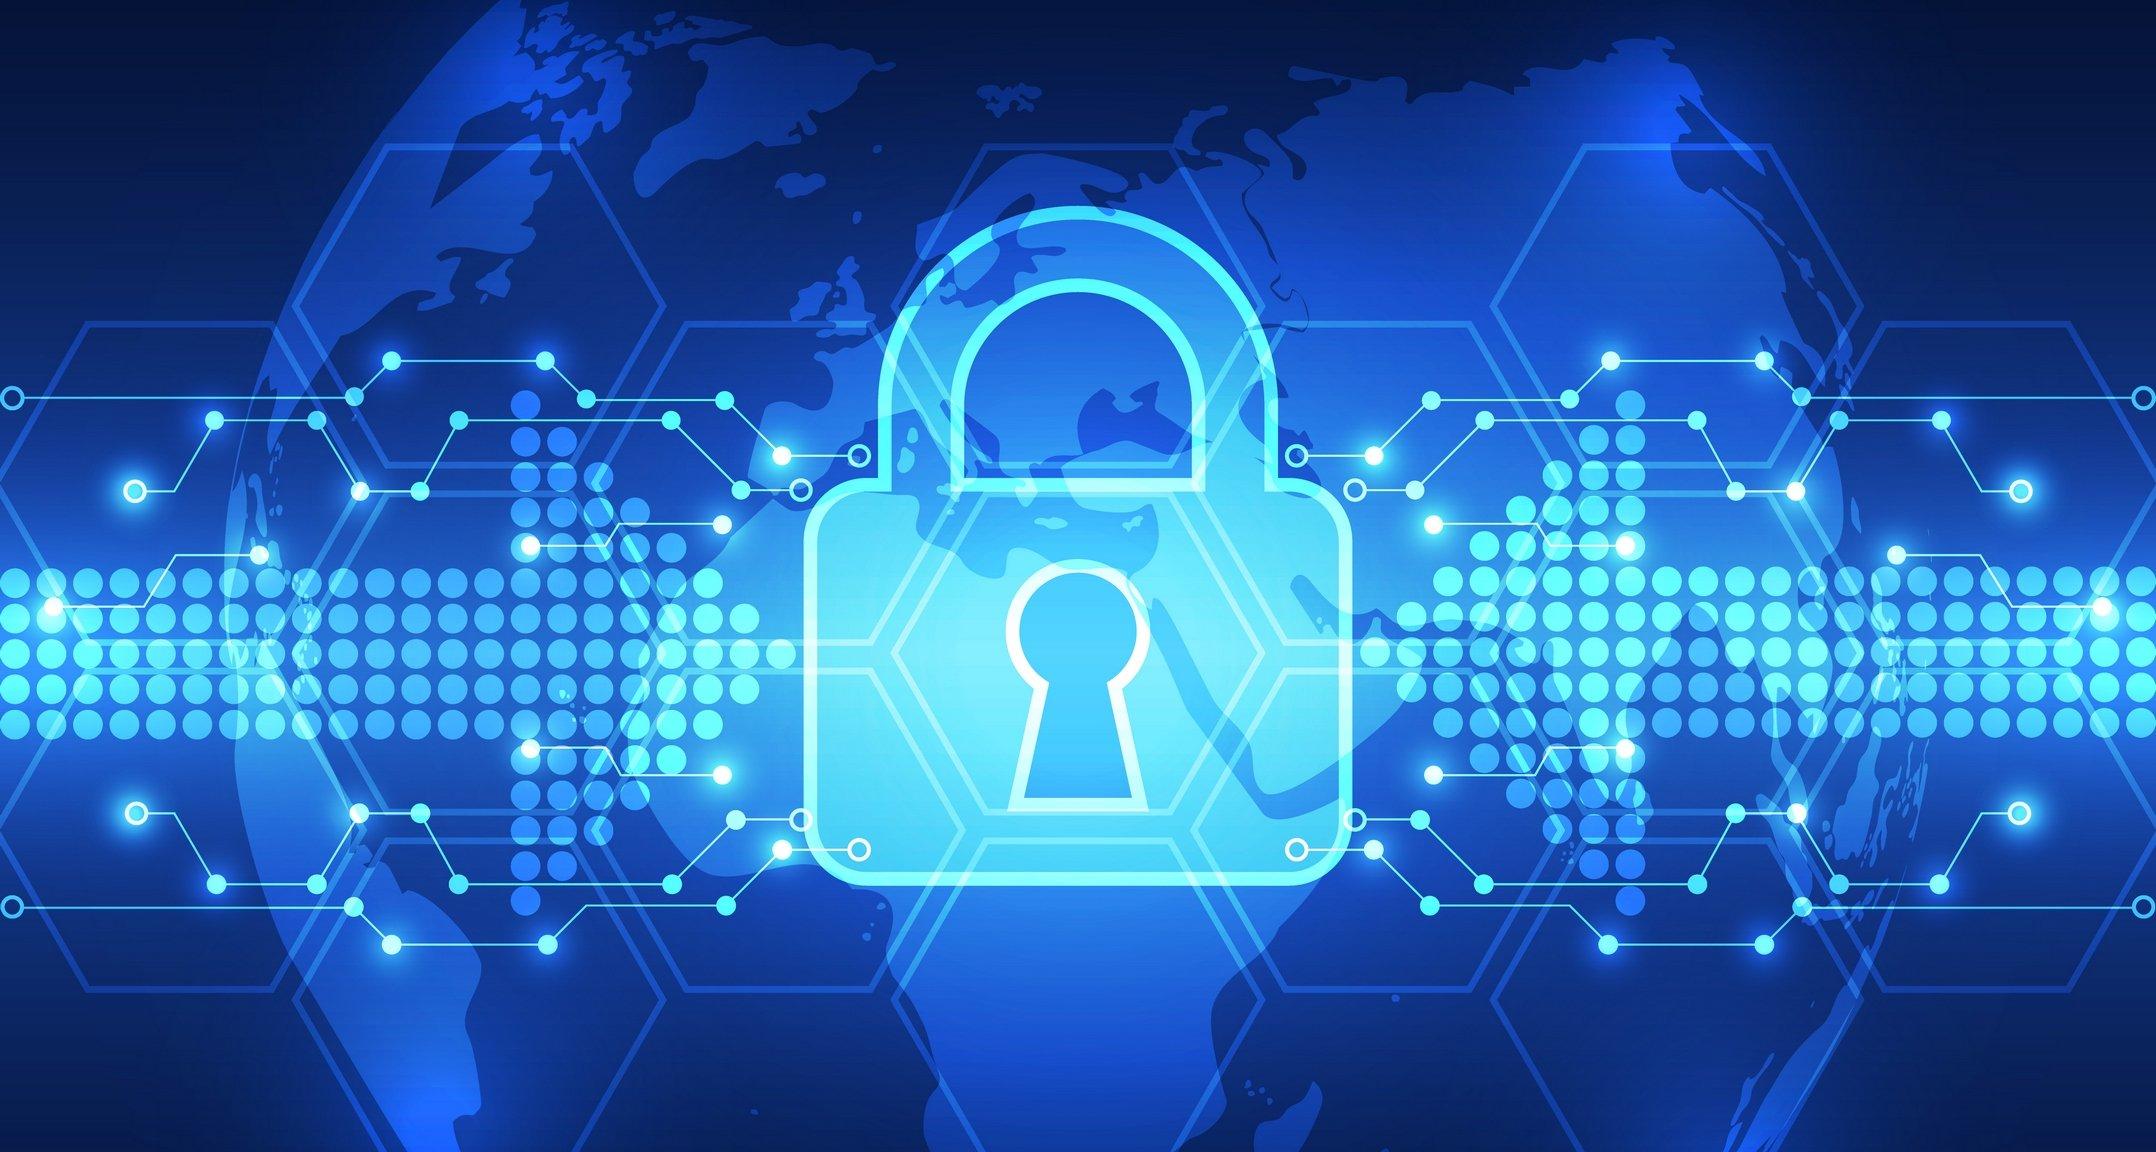 Человеческий фактор в информационной безопасности / Хабрахабр